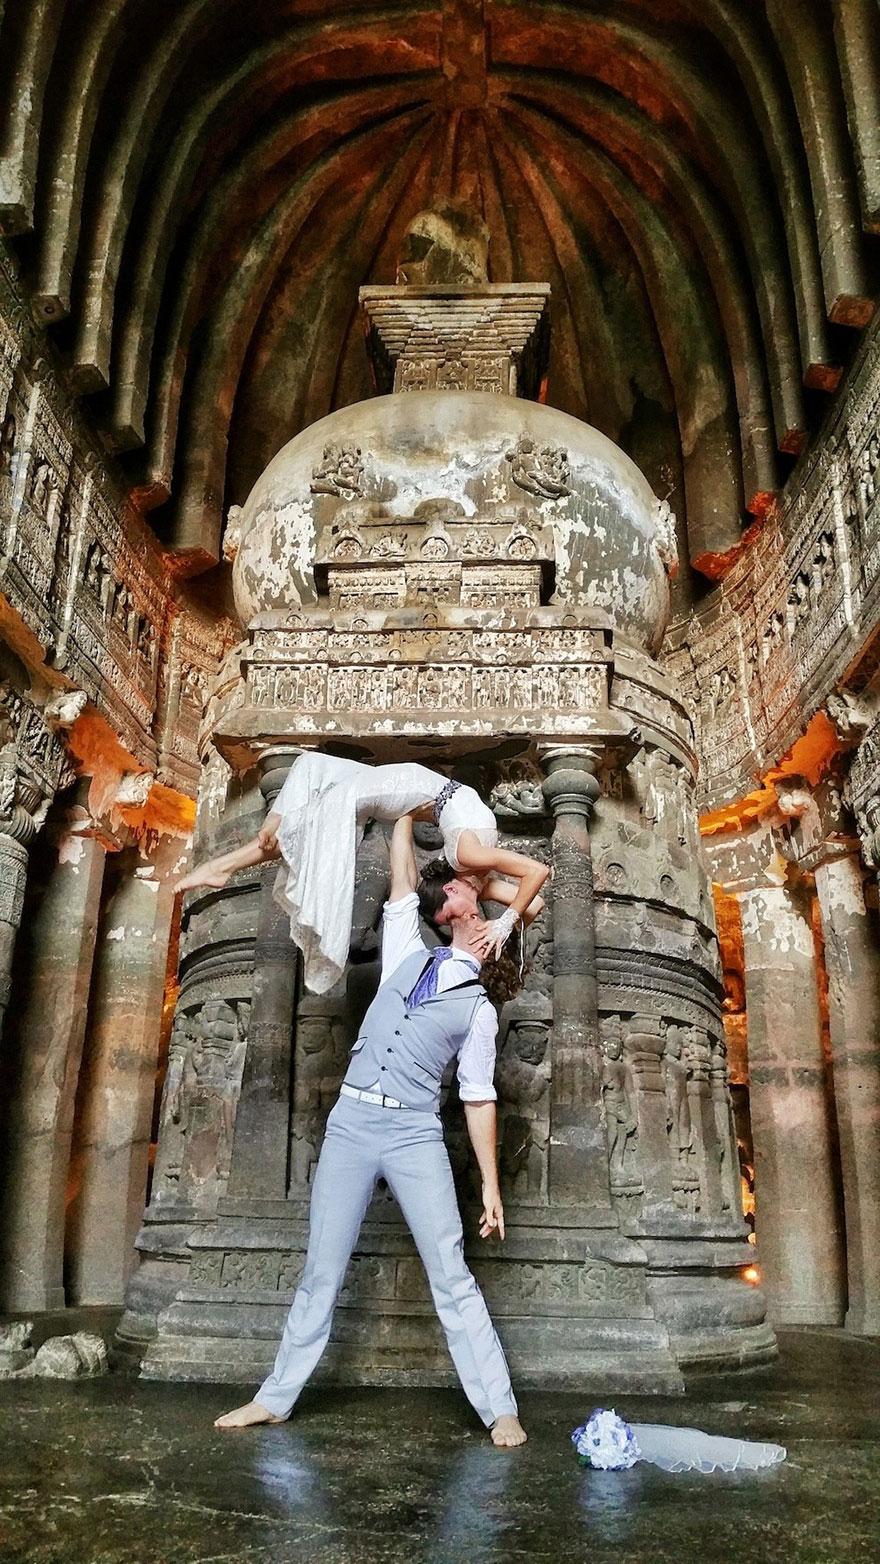 38 düğünle evlenen çift akrobat karı koca